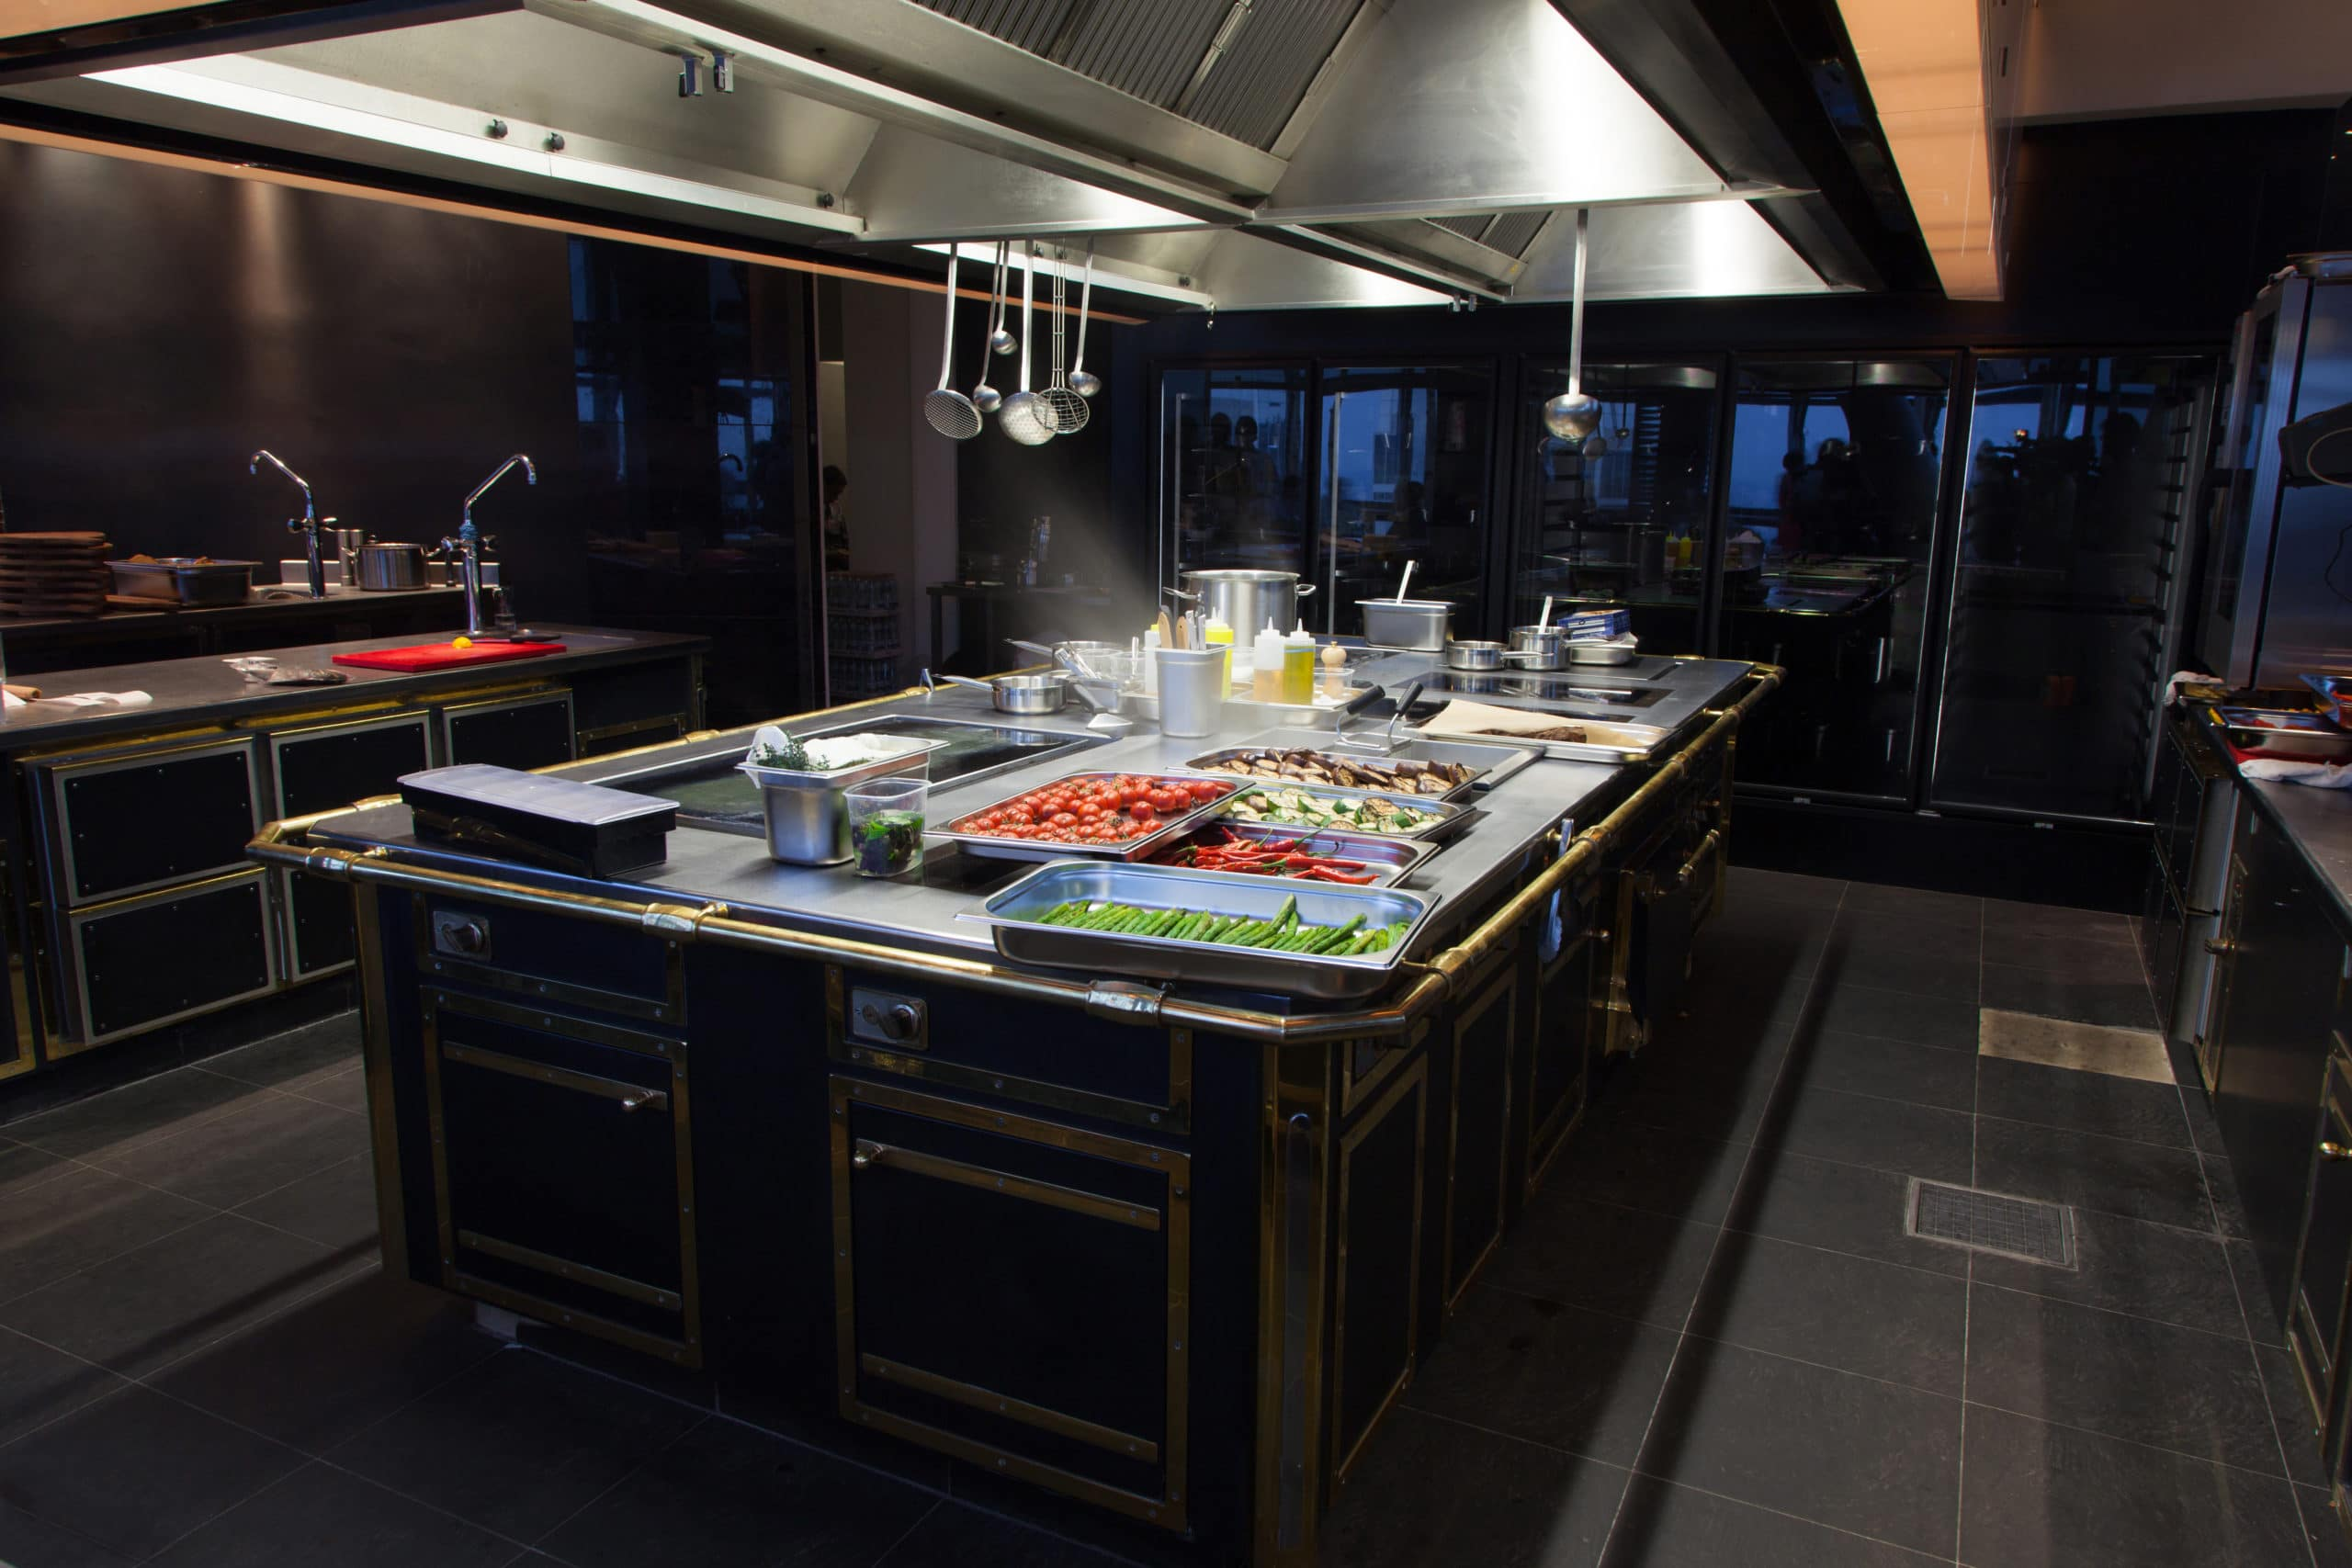 עיצוב מטבחים בהתאמהמוכרי ציוד למטבחים מאובזרים בעלי ניסיון בתחום עם מלא ידע בתחום שיודעים לספק פתרונות להתאמת תנורים גדולים לכל מטבח תוך כדי הפעלת המקרר והתנור ללקוח במטבח שלו